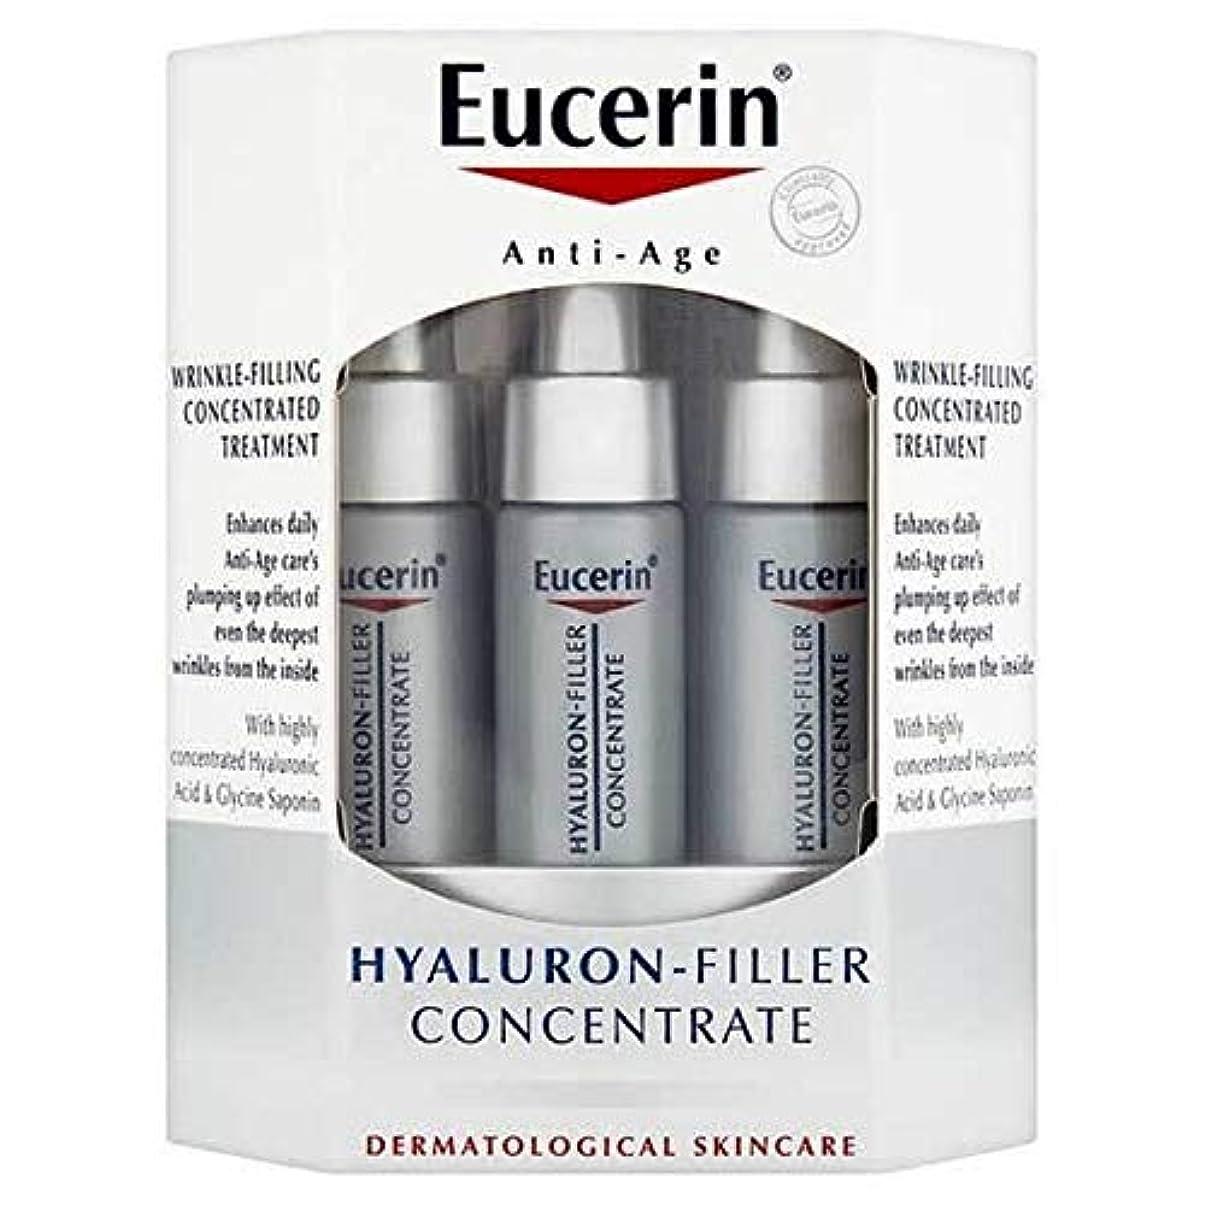 ネストベール最大限[Eucerin ] ユーセリンヒアルロンフィラー濃縮6X65Ml - Eucerin Hyaluron Filler Concentrate 6x65ml [並行輸入品]